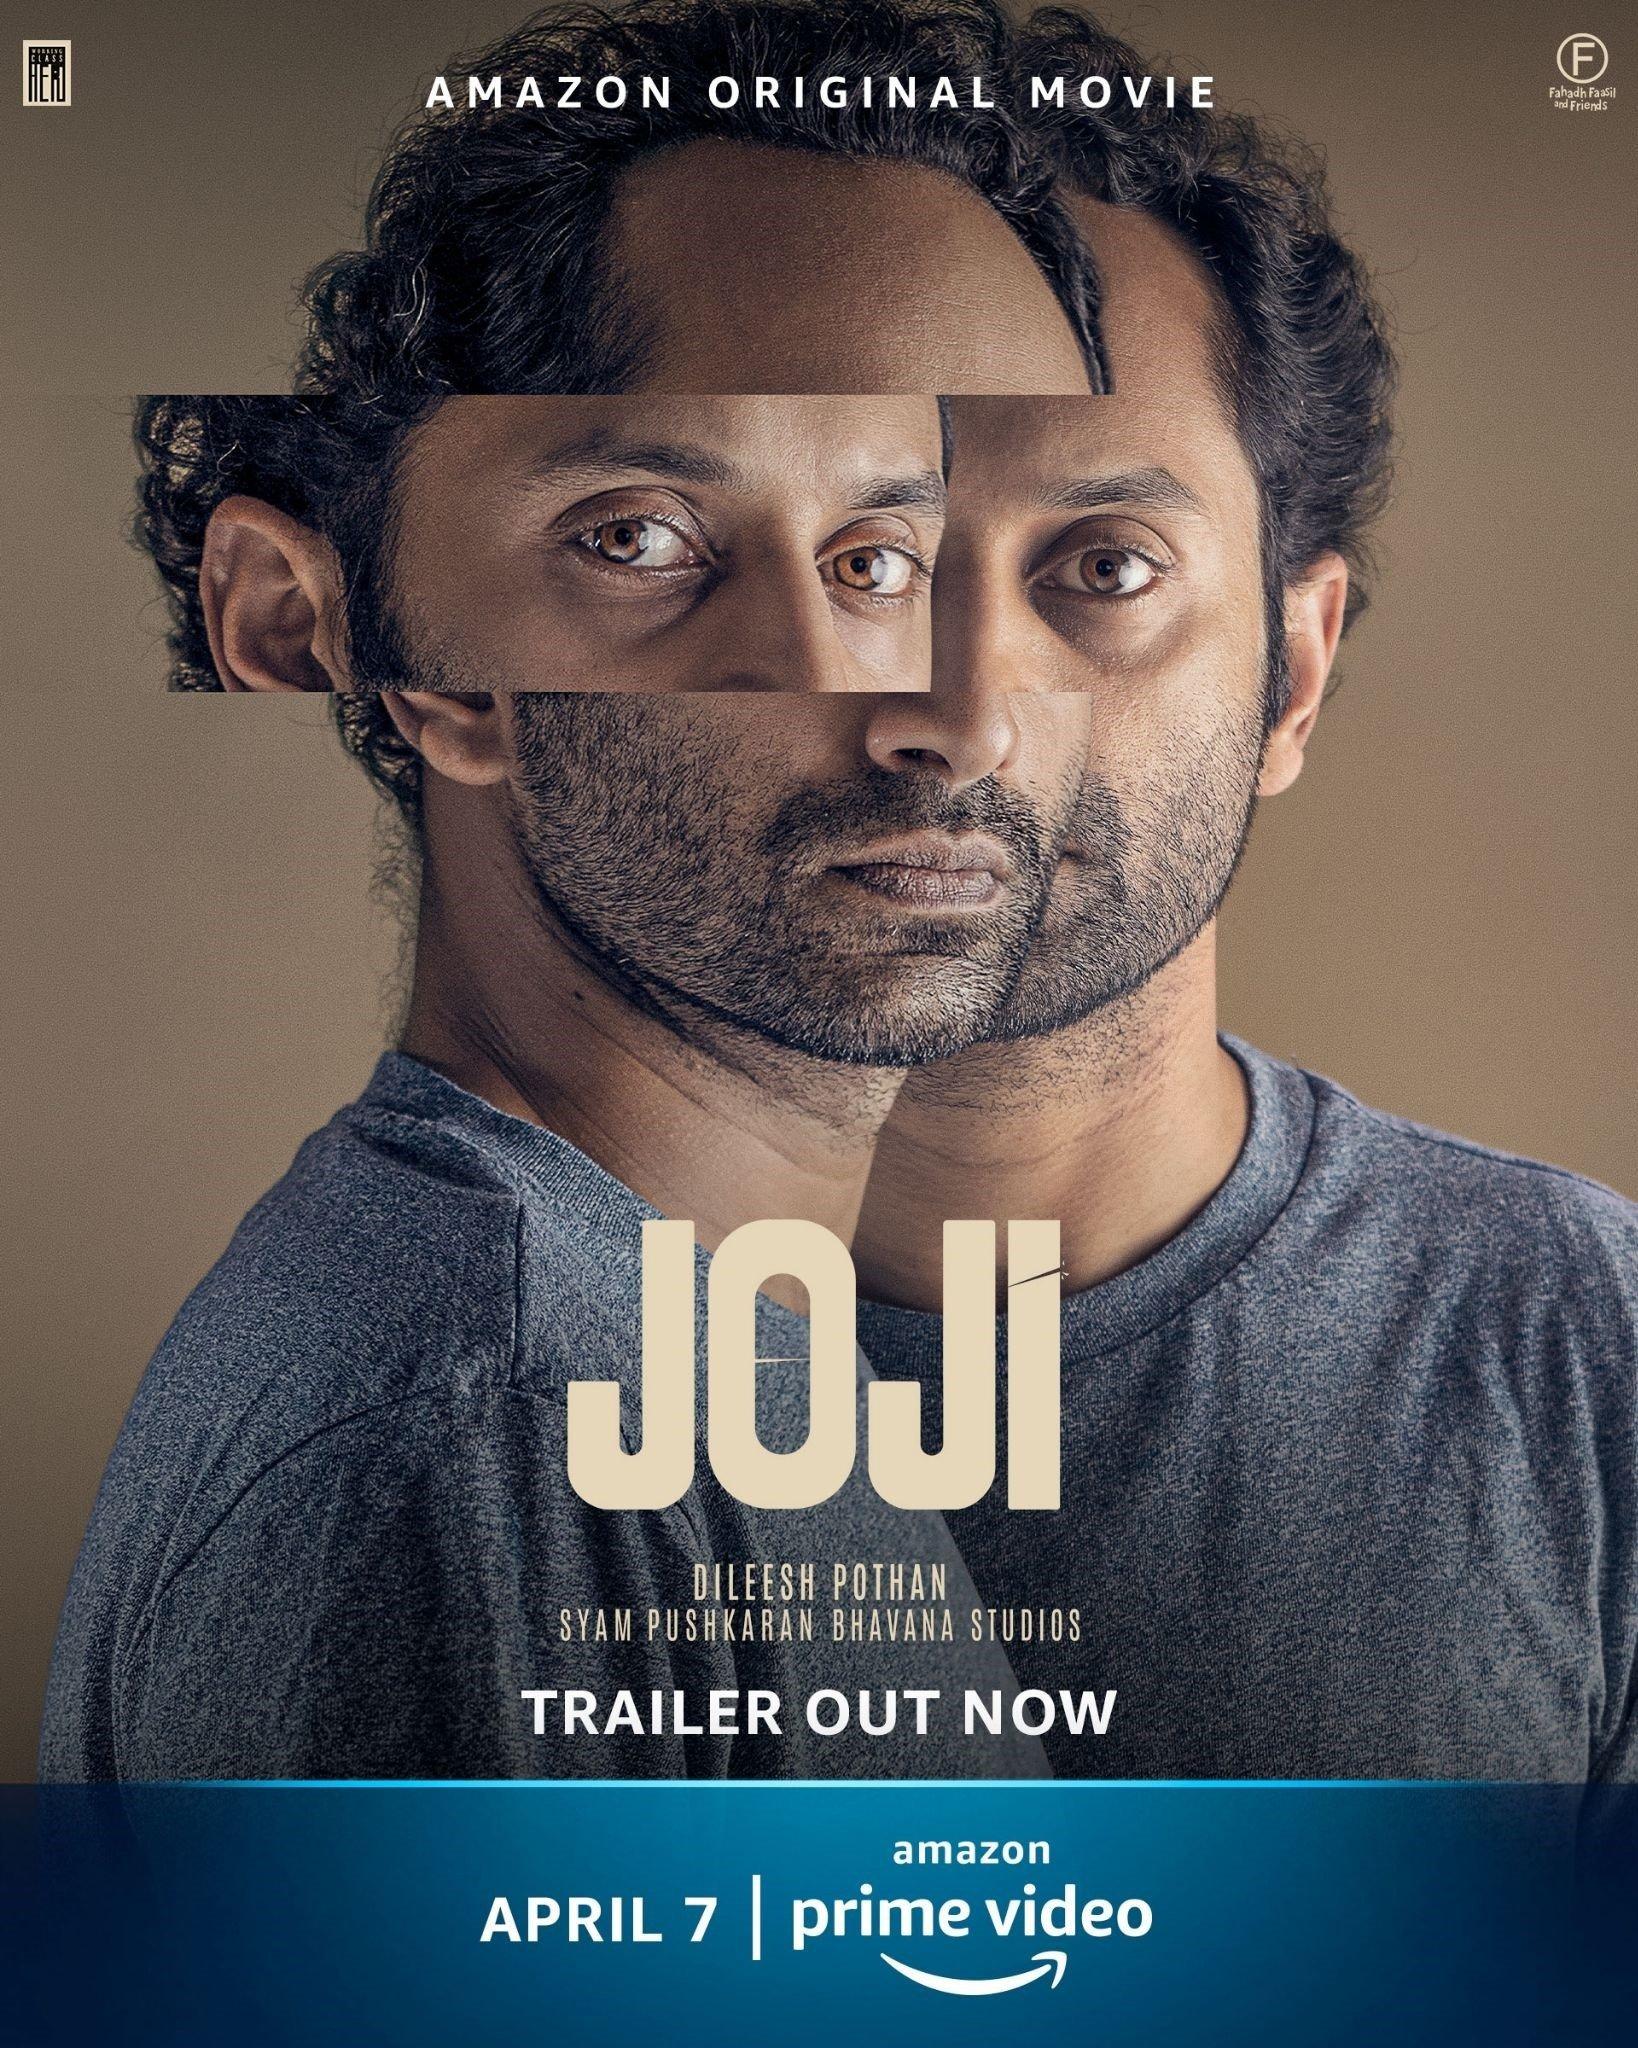 Joji Movie Review